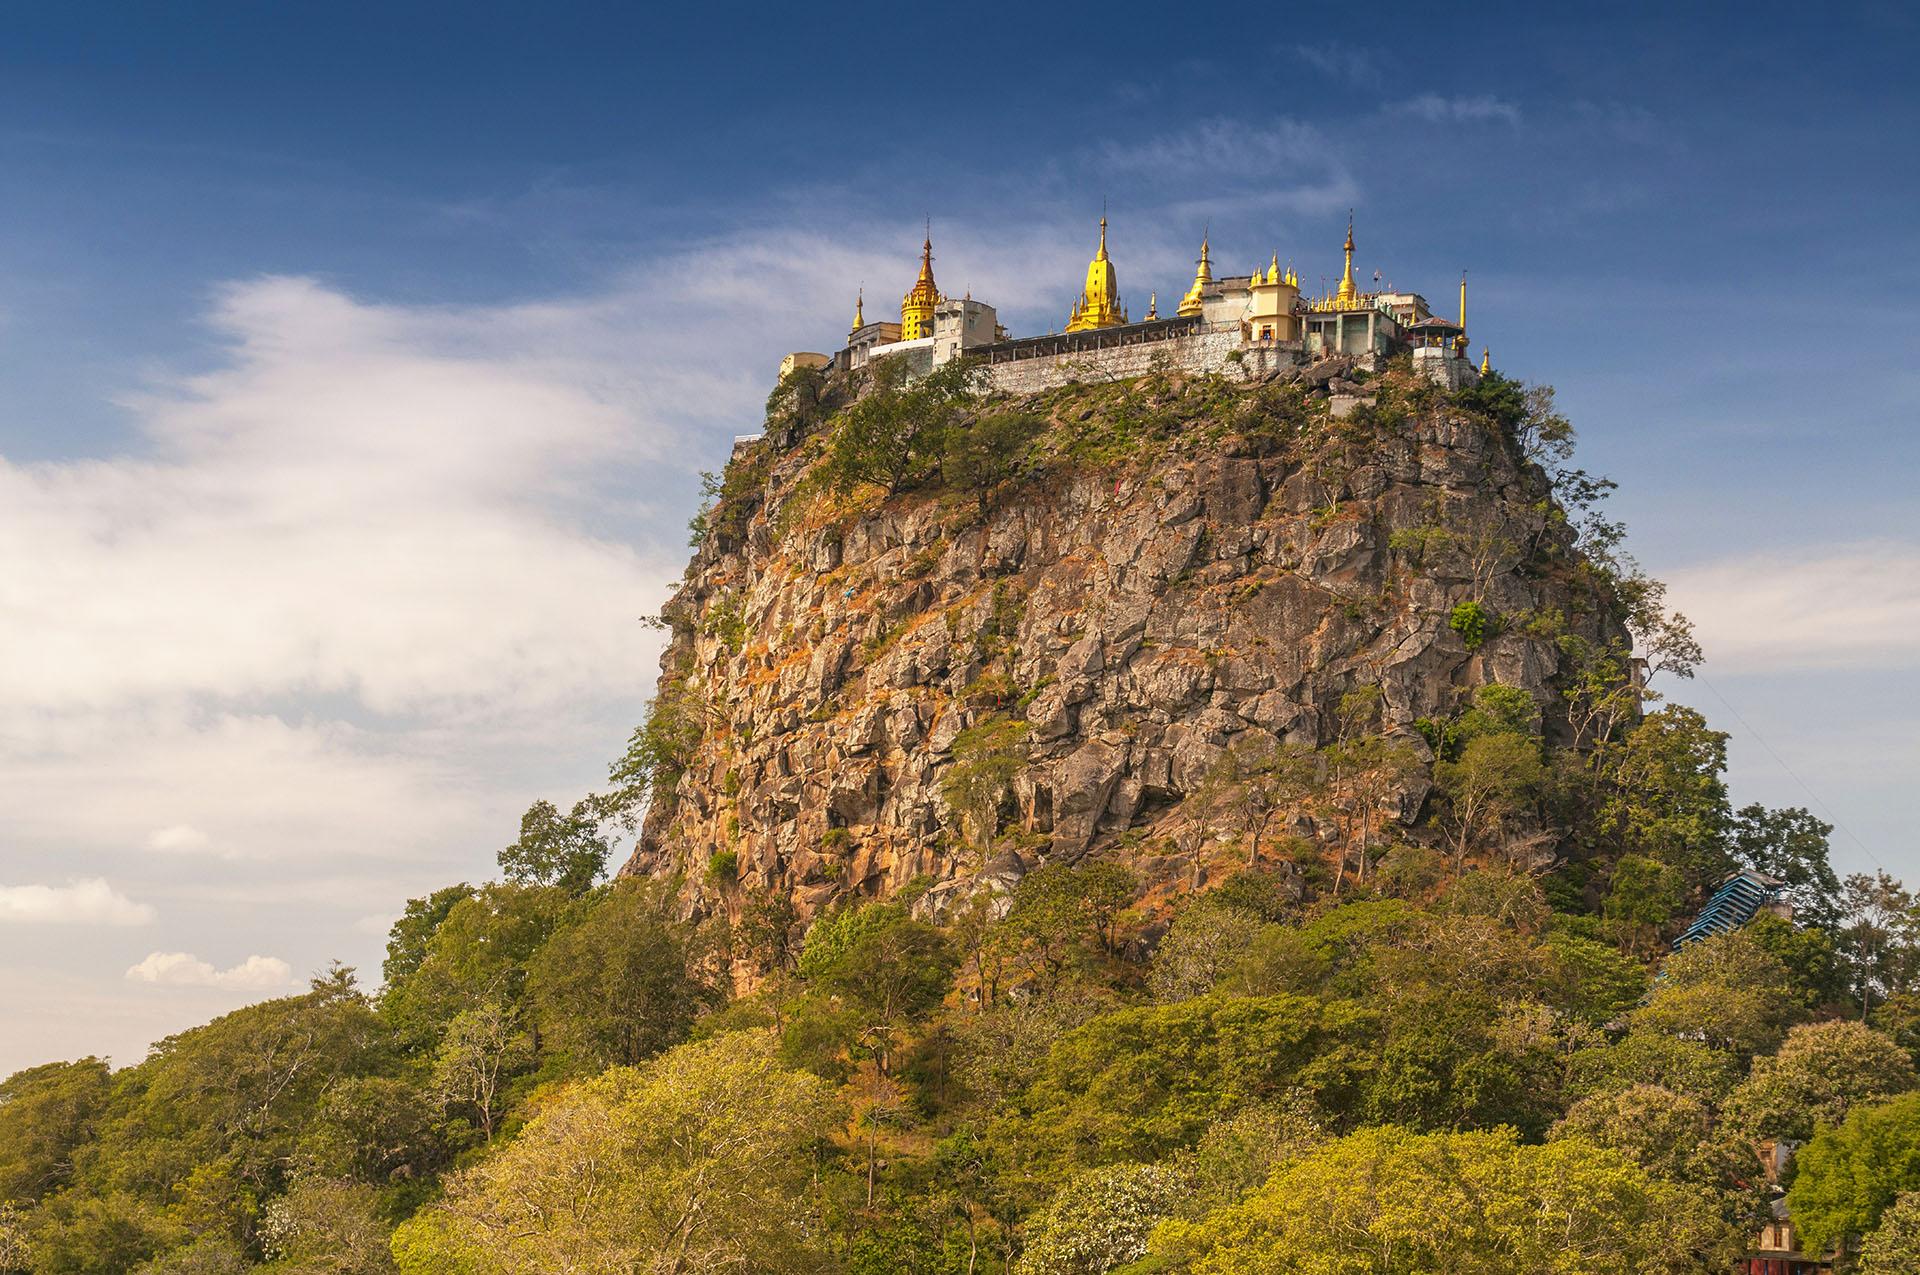 Flitterwochen Asien, Mount Popa Myanmar, Rundreise MYANMAR, individuelle Rundreise MYANMAR, Mietwagenrundreise MYANMAR, Reise MYANMAR, erlebe MYANMAR, Selbstfahrer MYANMAR, Kleingruppenreise MYANMAR, MYANMAR auf eigene Faust, Gruppenreise MYANMAR, Urlaub in MYANMAR, Ferien in MYANMAR, Familienreise MYANMAR, Flitterwochen MYANMAR, Hochzeitsreise MYANMAR, Safari Myanmar